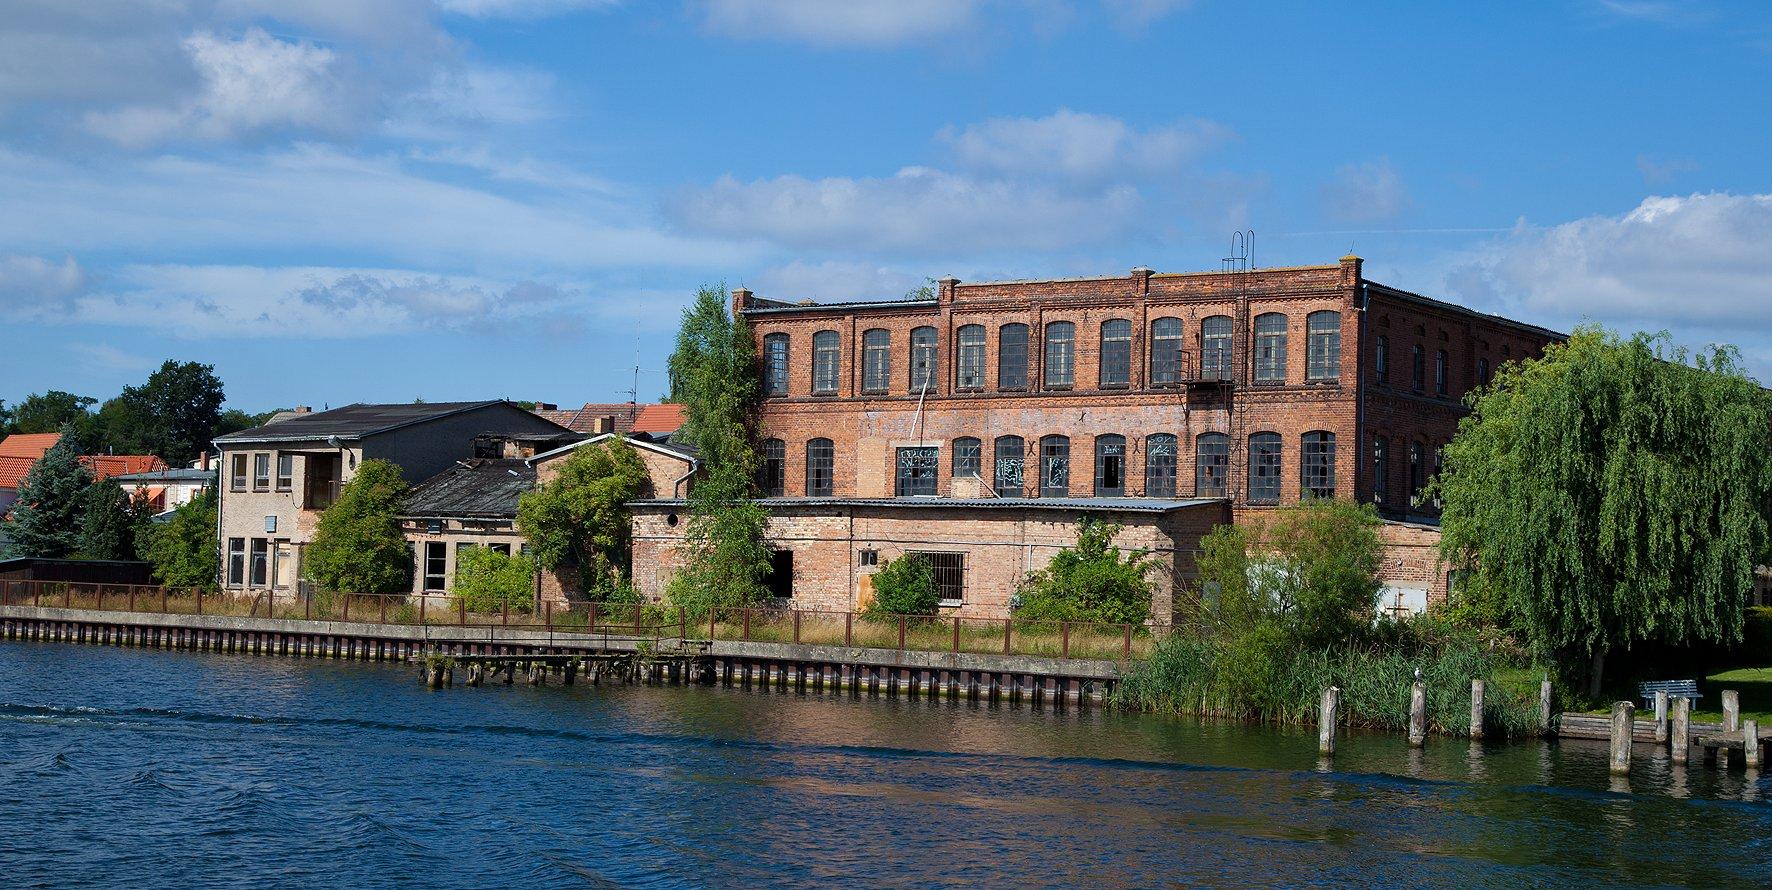 Tuchfabrik Malchow